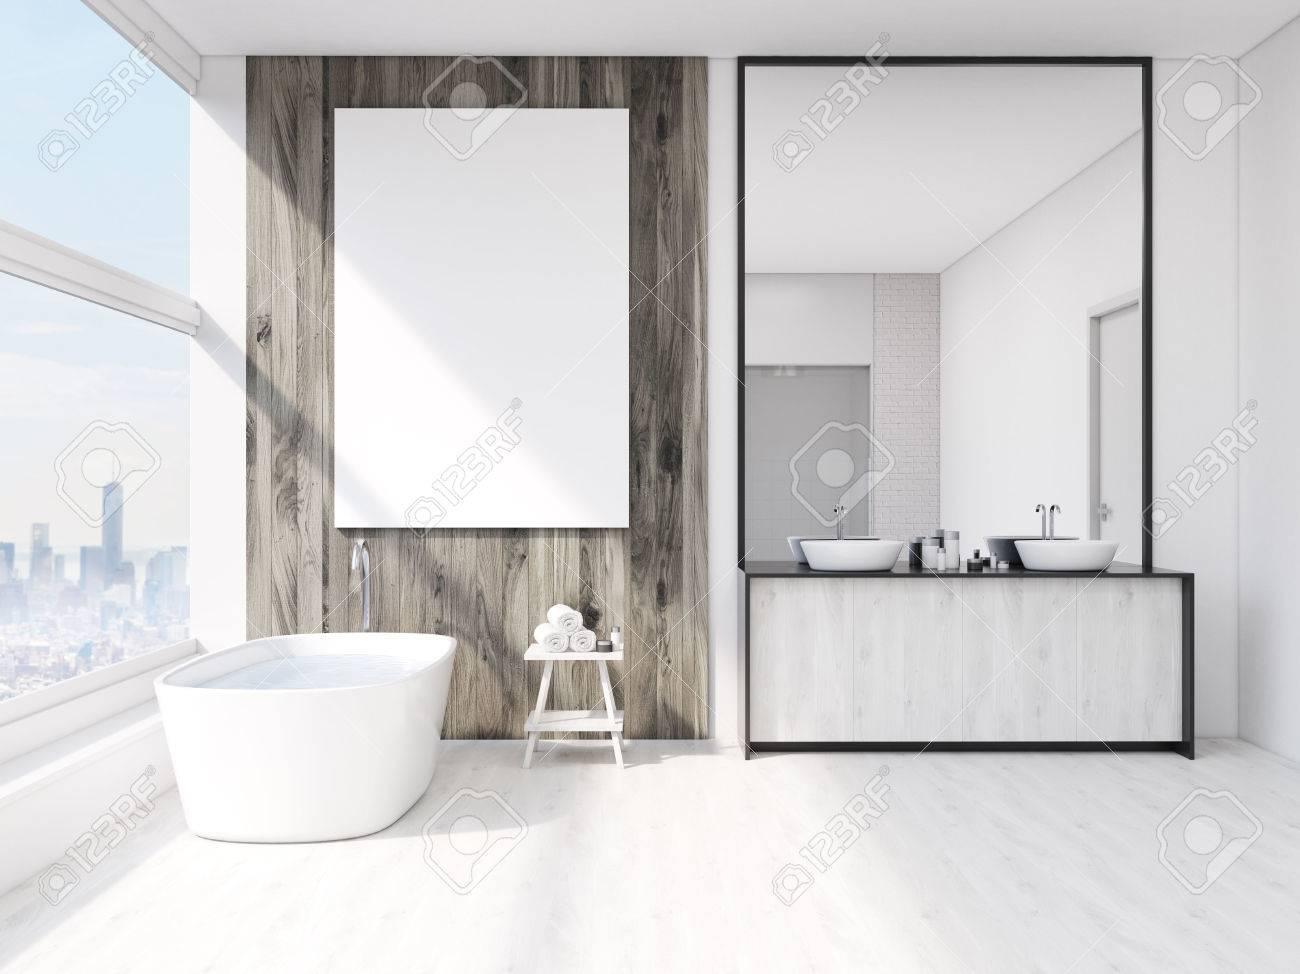 Badezimmer Interieur Mit Spiegel, Badewanne, Tisch Mit Handtüchern ...